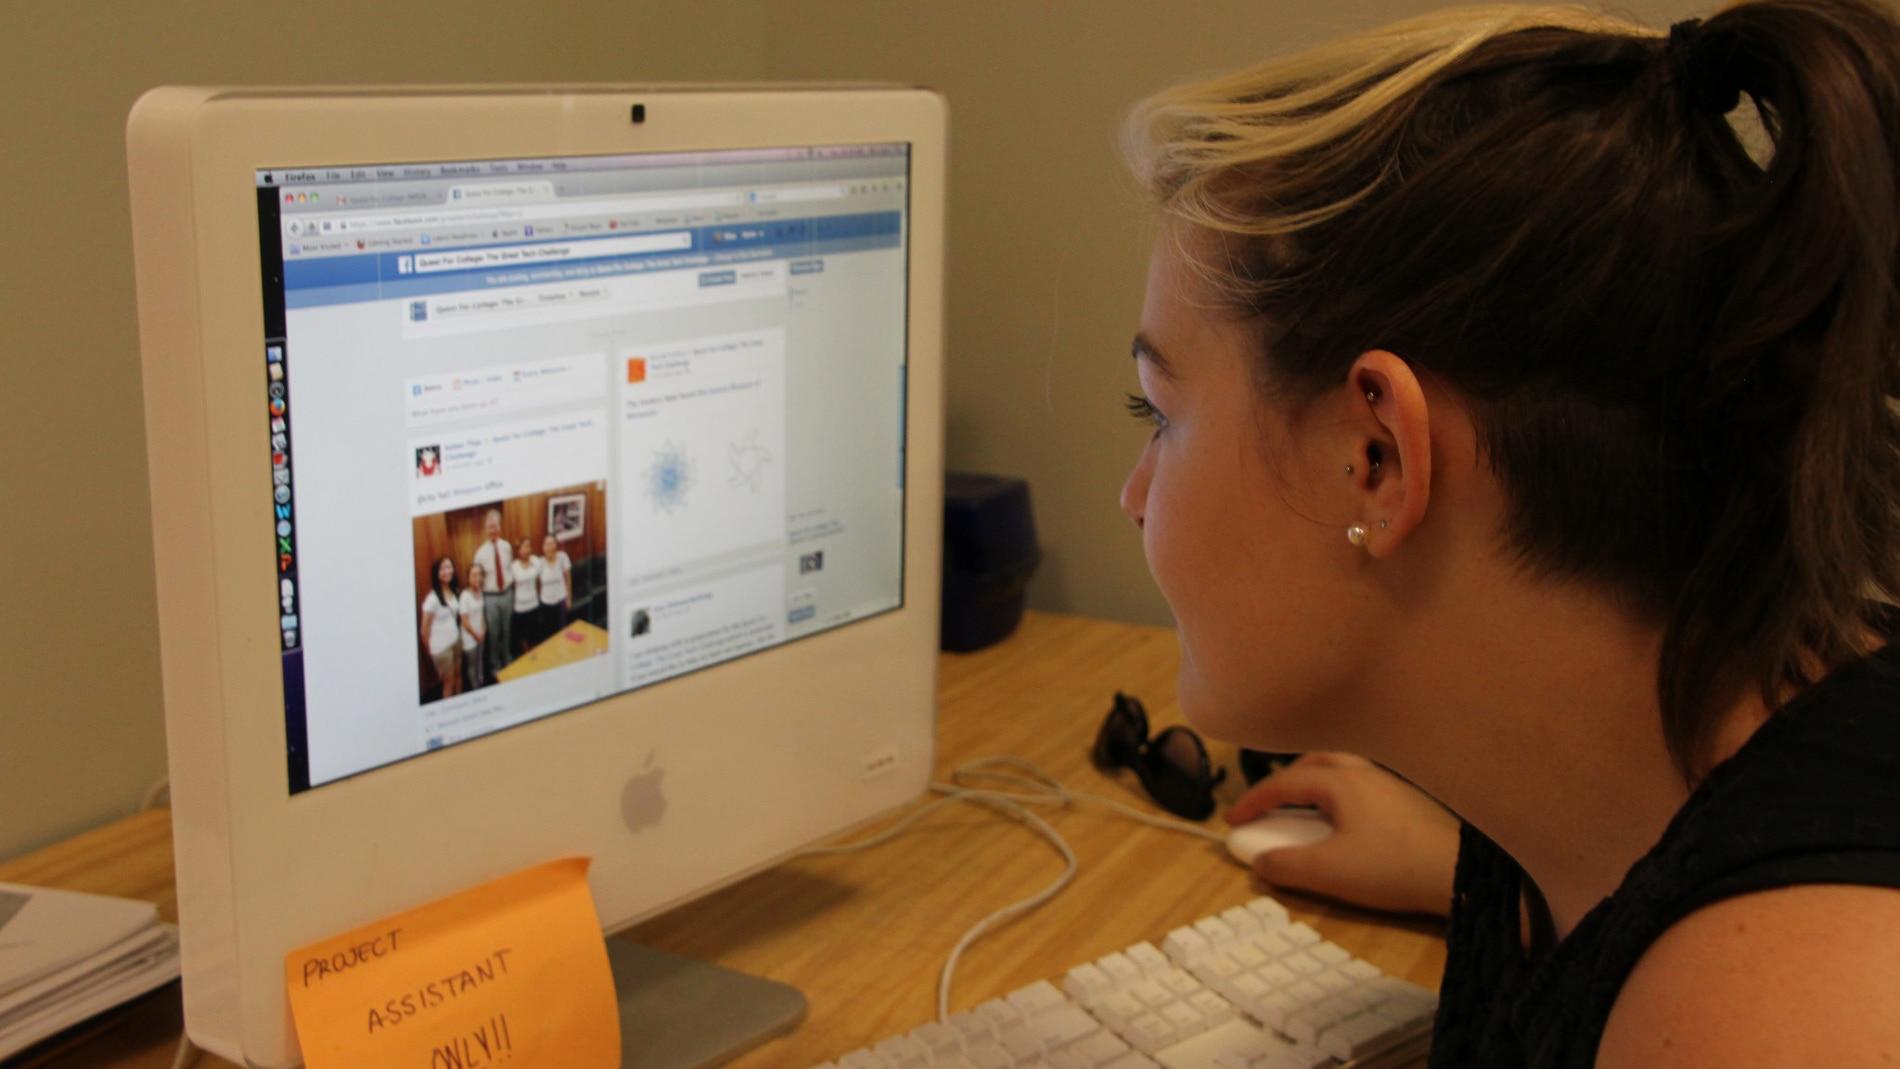 Una estudiante delante de una pantalla con Facebook